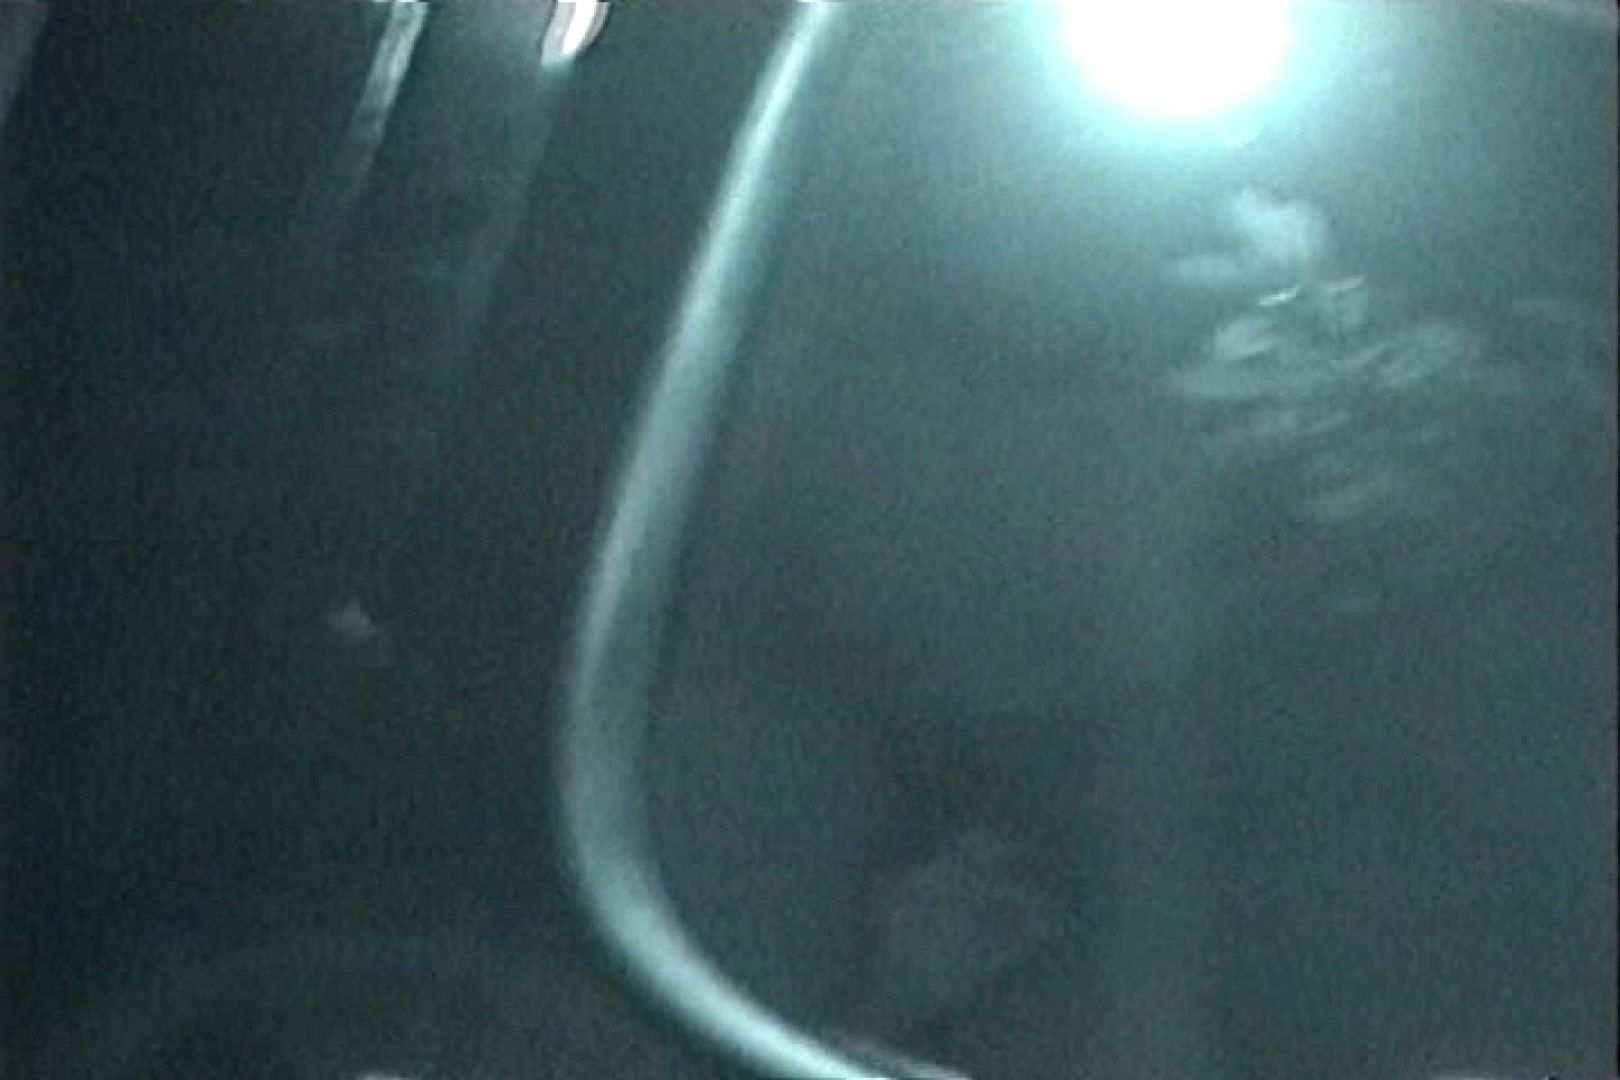 充血監督の深夜の運動会Vol.160 おまんこ ヌード画像 83pic 8